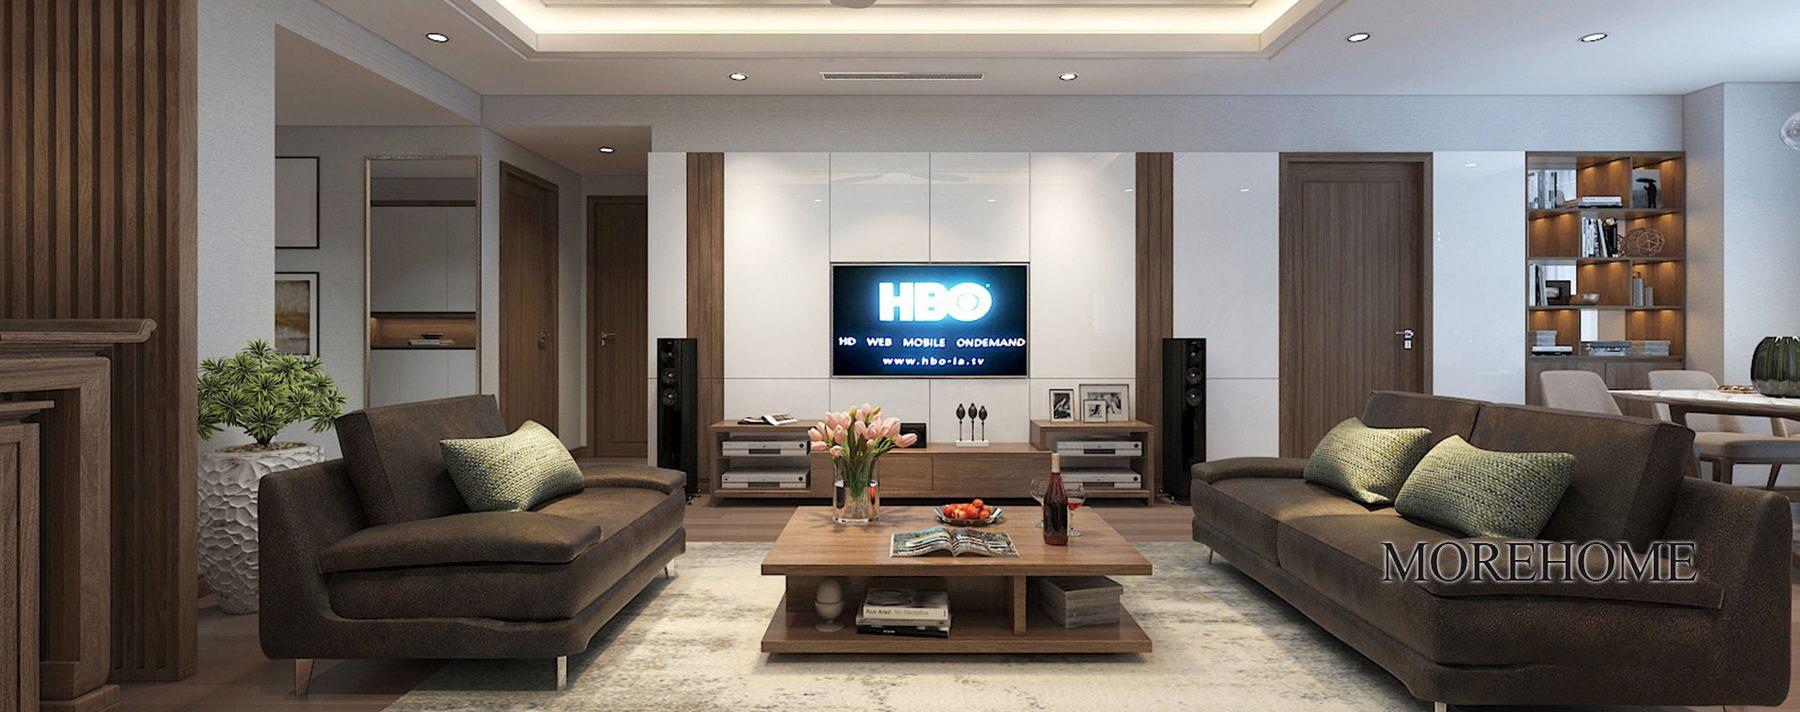 Thiết kế nội thất phòng khách chung cư hiện đại N05 Hoàng Đạo Thúy